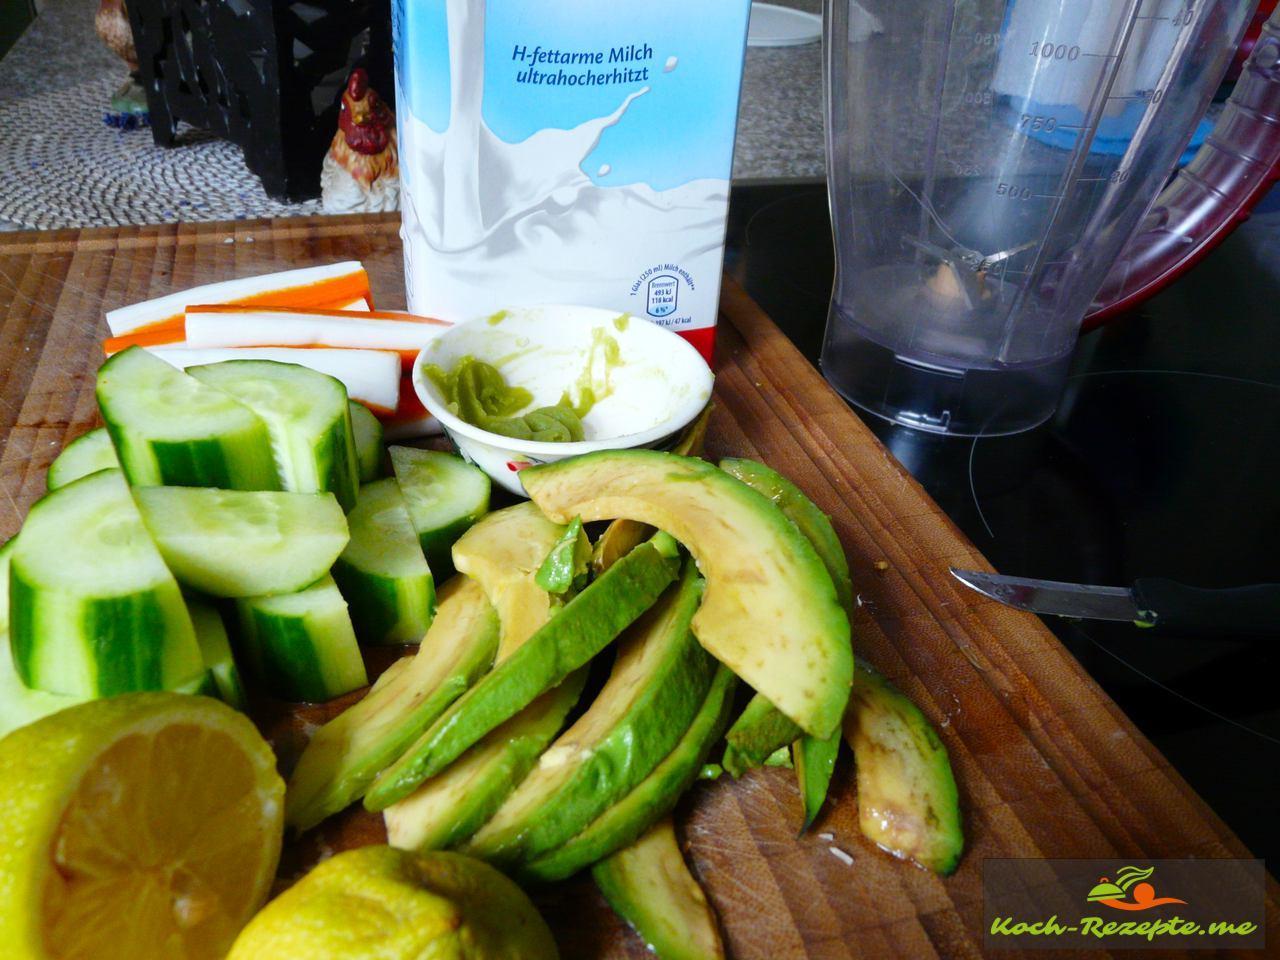 Zutaten: Avocado,Bio Salatgurke, Krebsfleisch, Zitrone, Dill, Wasabi, Milch, Salz und Zitronen-Pfeffer von Spirit of Spice